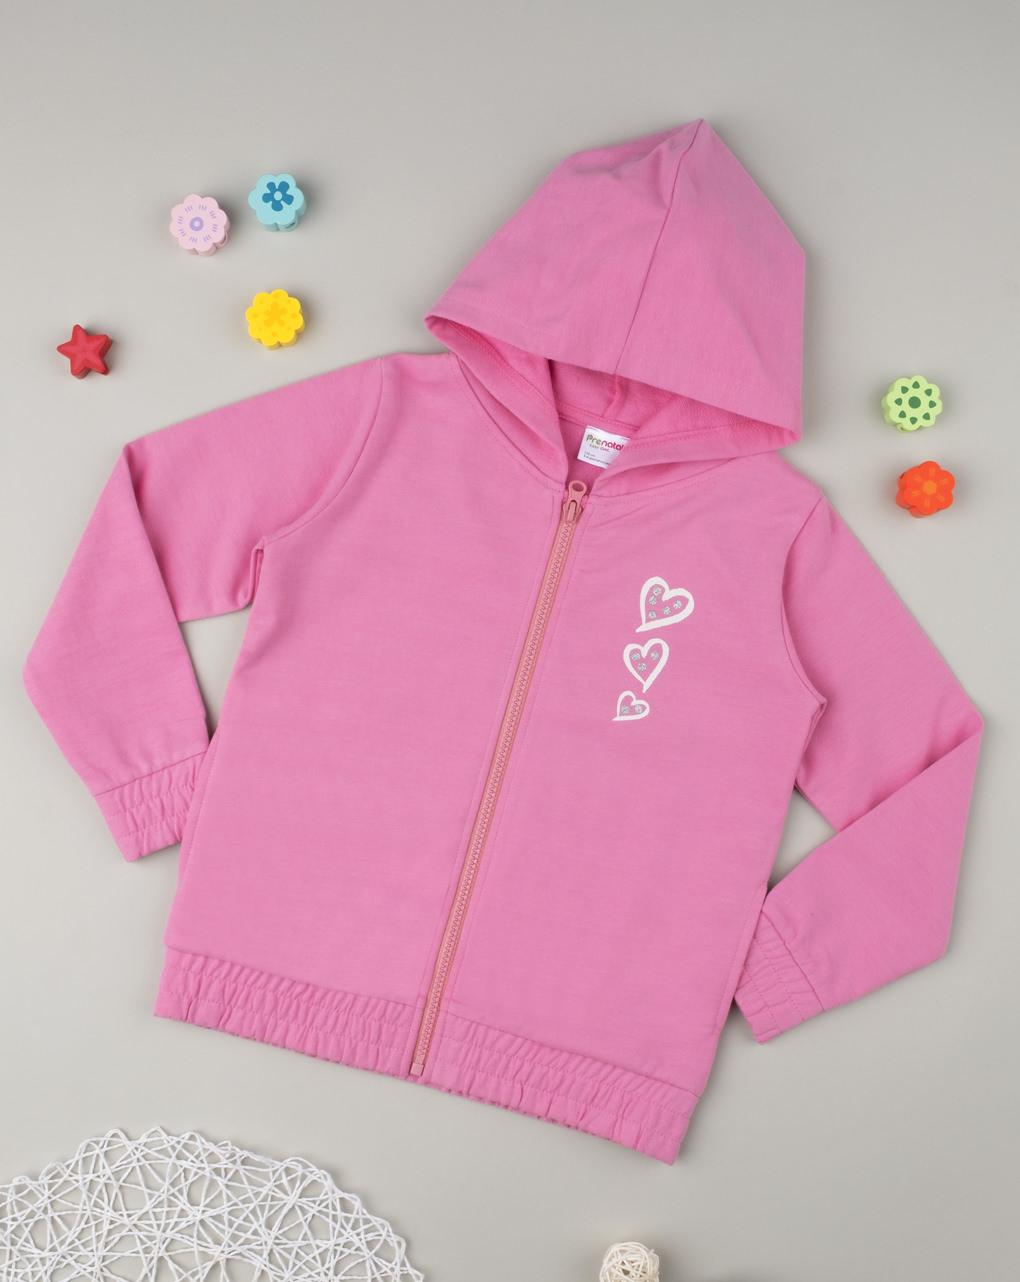 Ζακέτα Φόρμας Ροζ με Κουκούλα και Καρδούλες για Κορίτσι